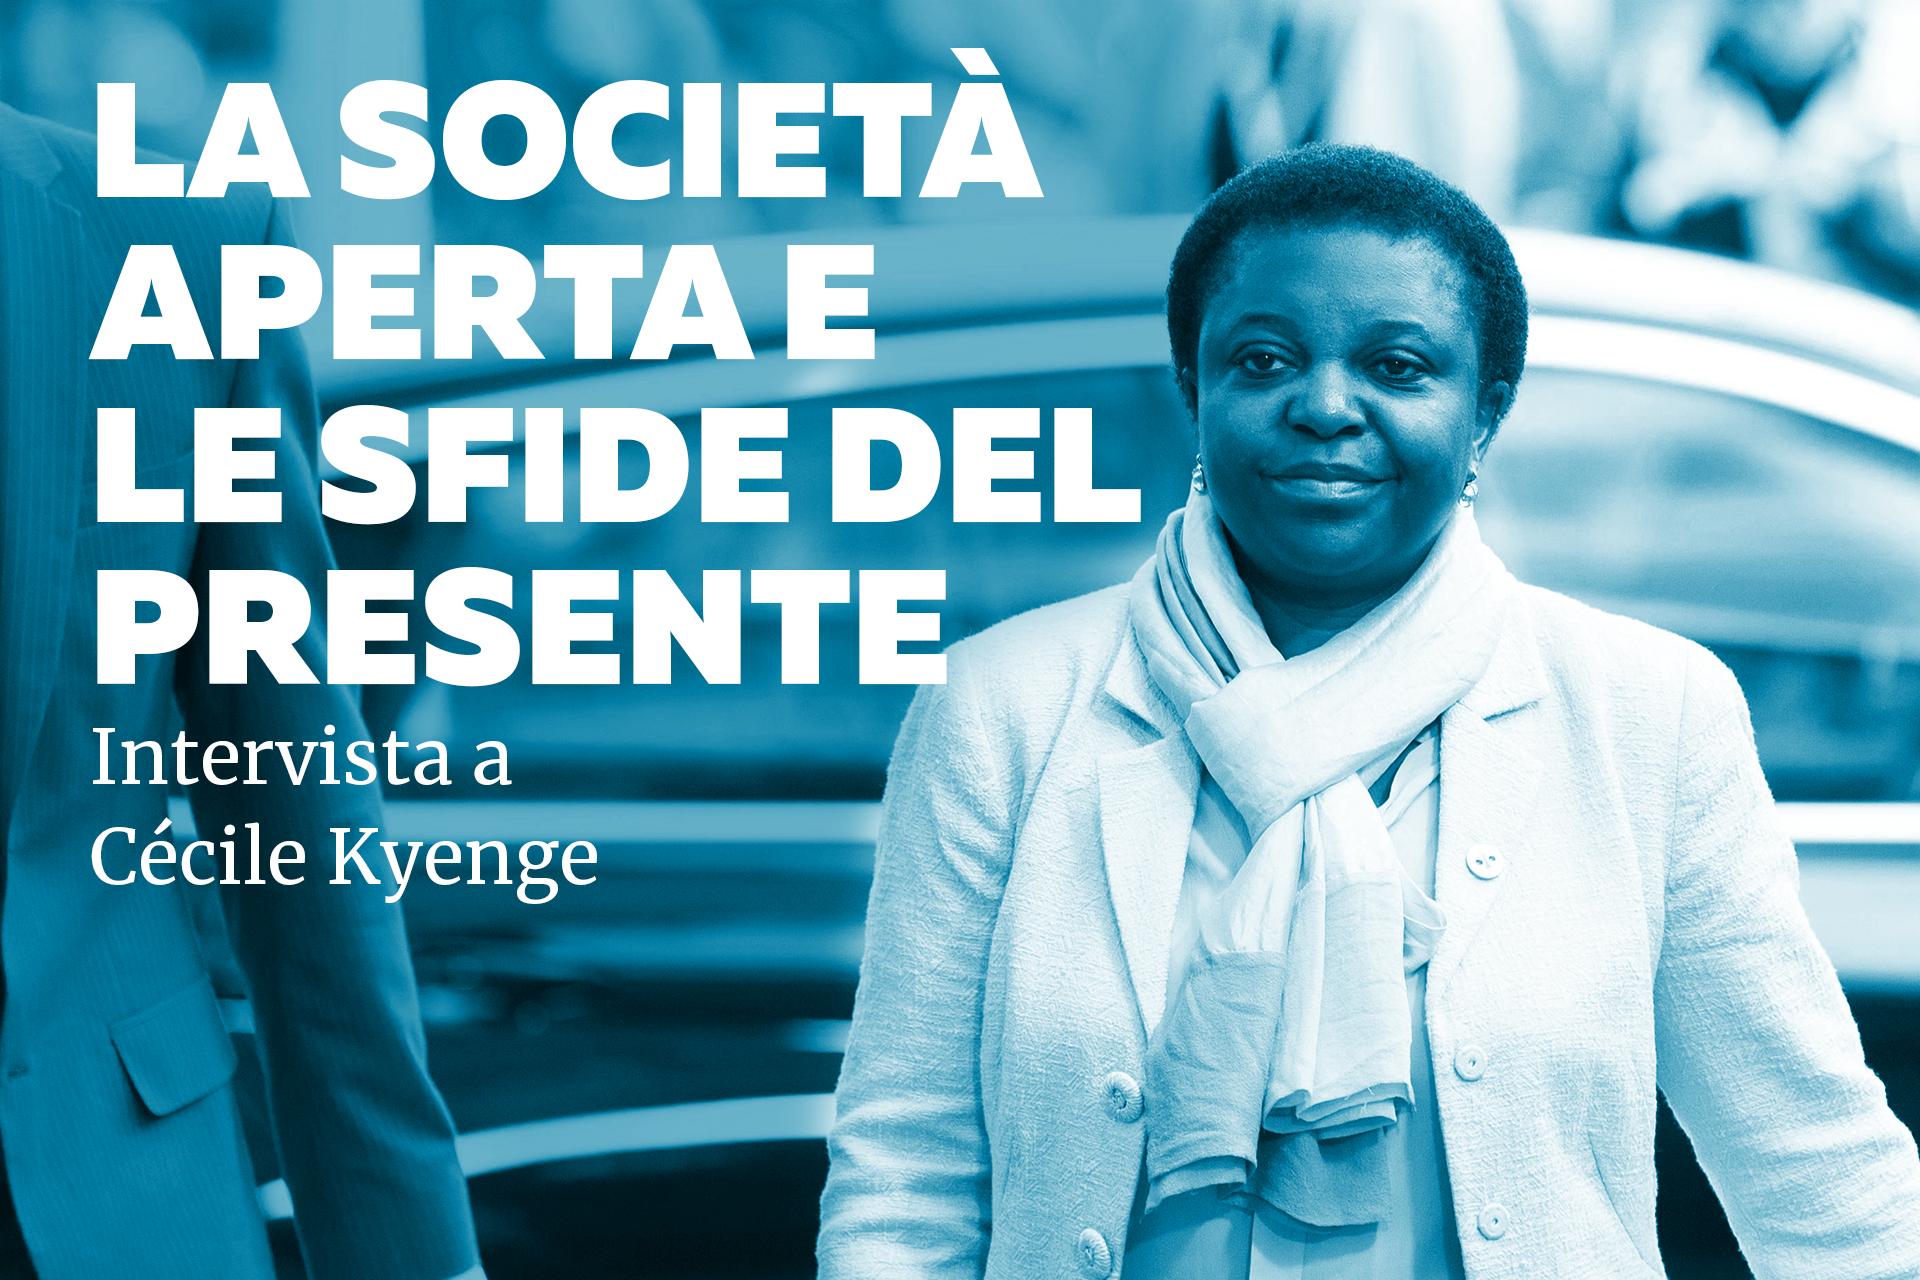 La società aperta e le sfide del presente: intervista a Cécile Kyenge